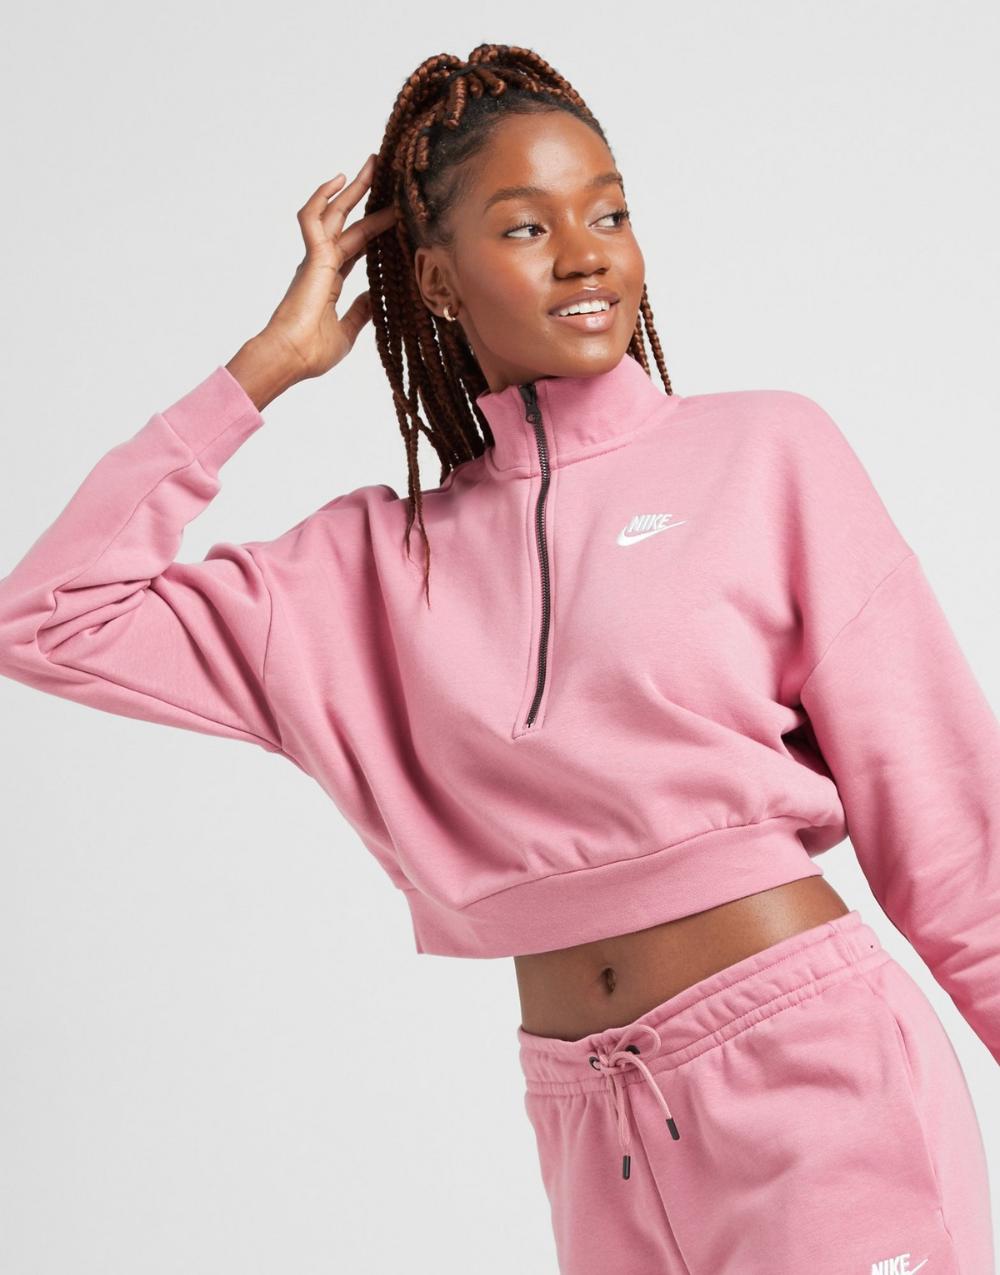 Nike Essential Crop 1 4 Zip Sweatshirt Retail Fashion Fashion Women Essentials [ 1275 x 1000 Pixel ]